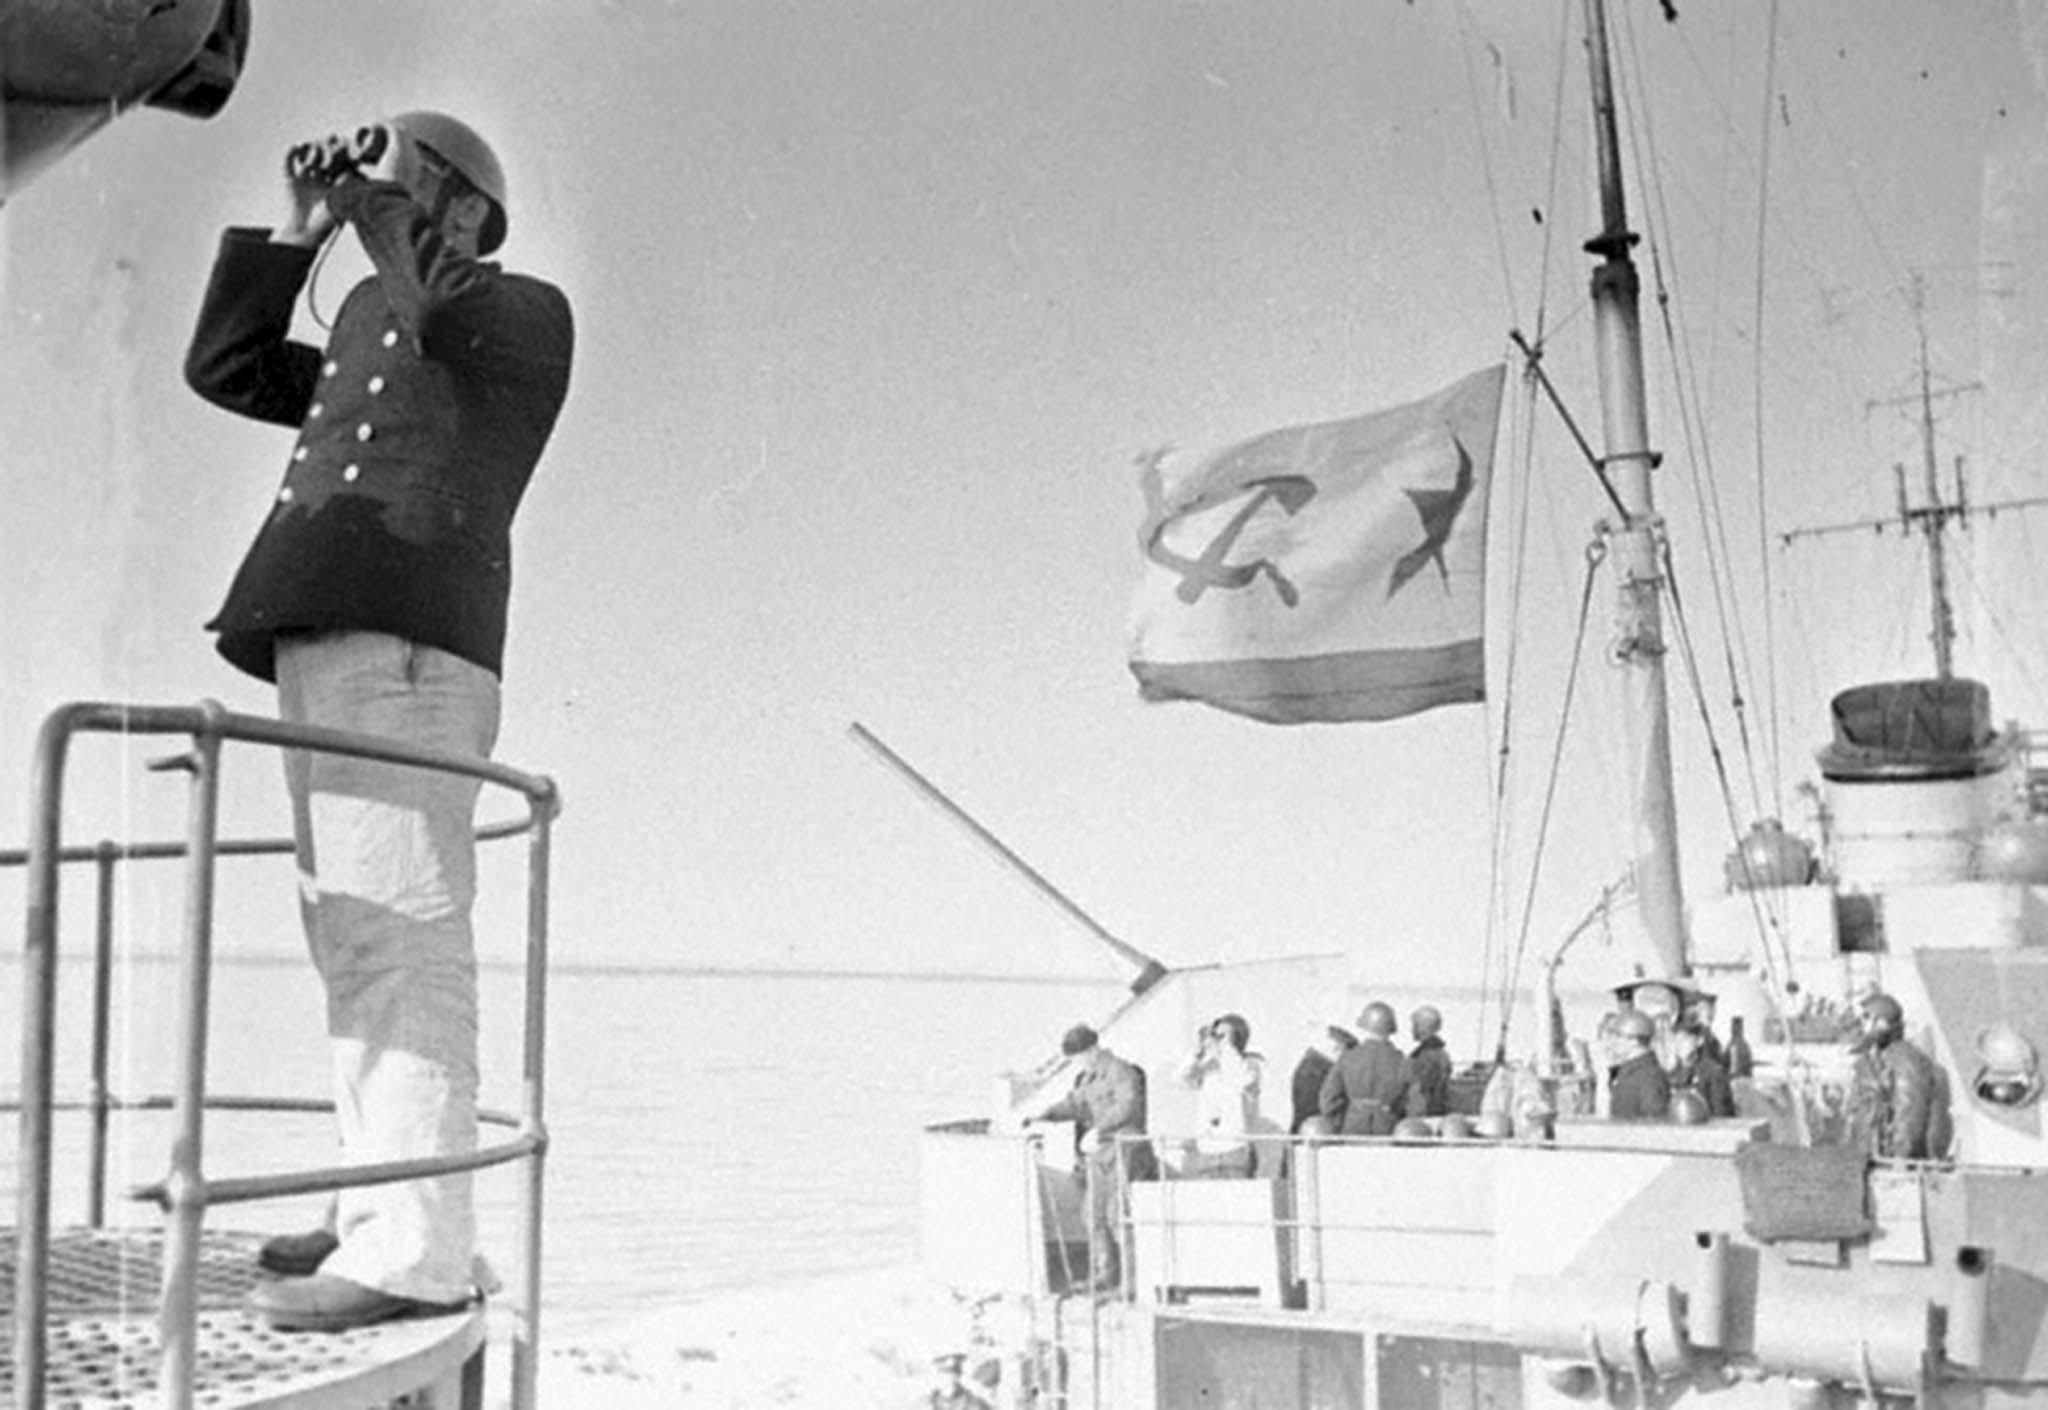 Soviet sailors